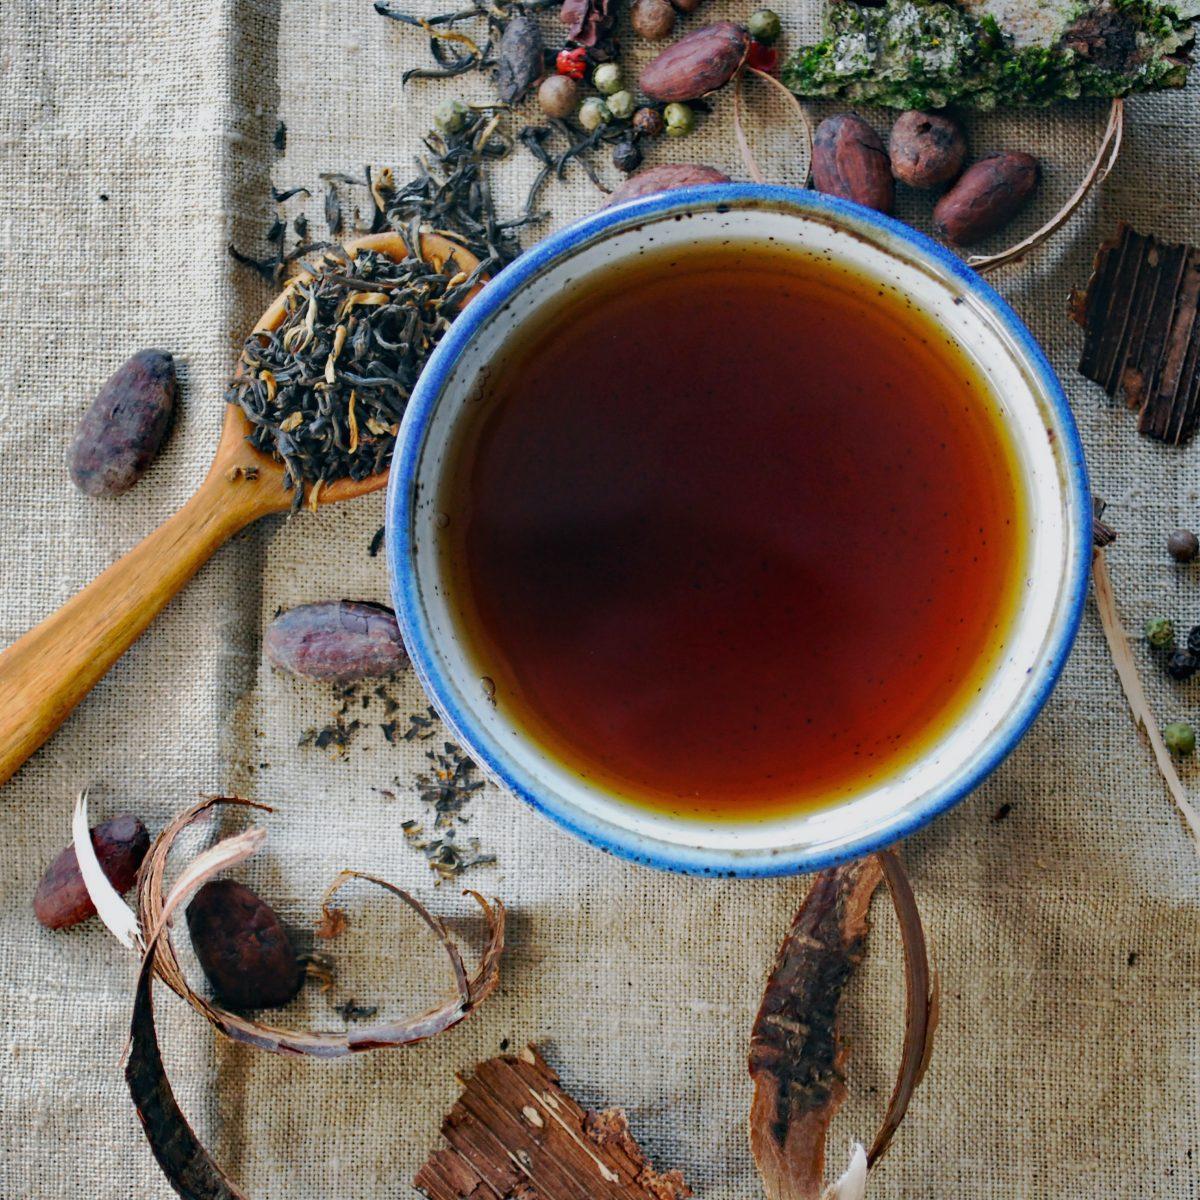 Hawaiian medicinal herbs